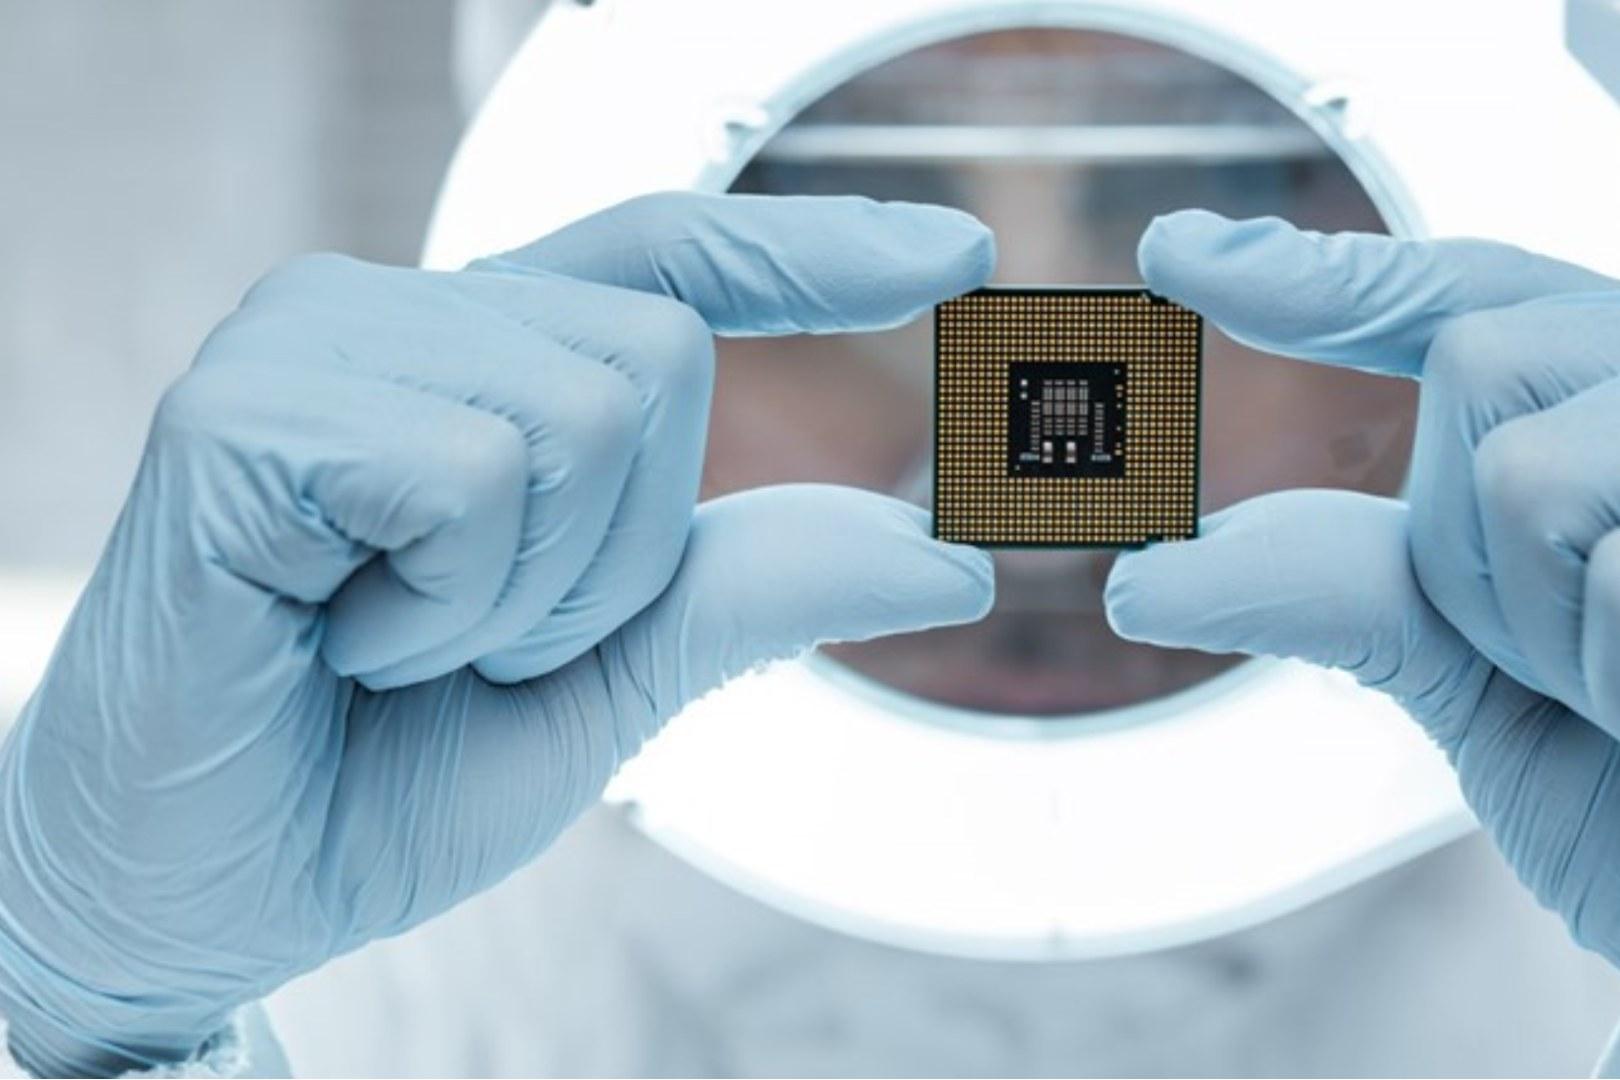 Bain & Company Semiconductores